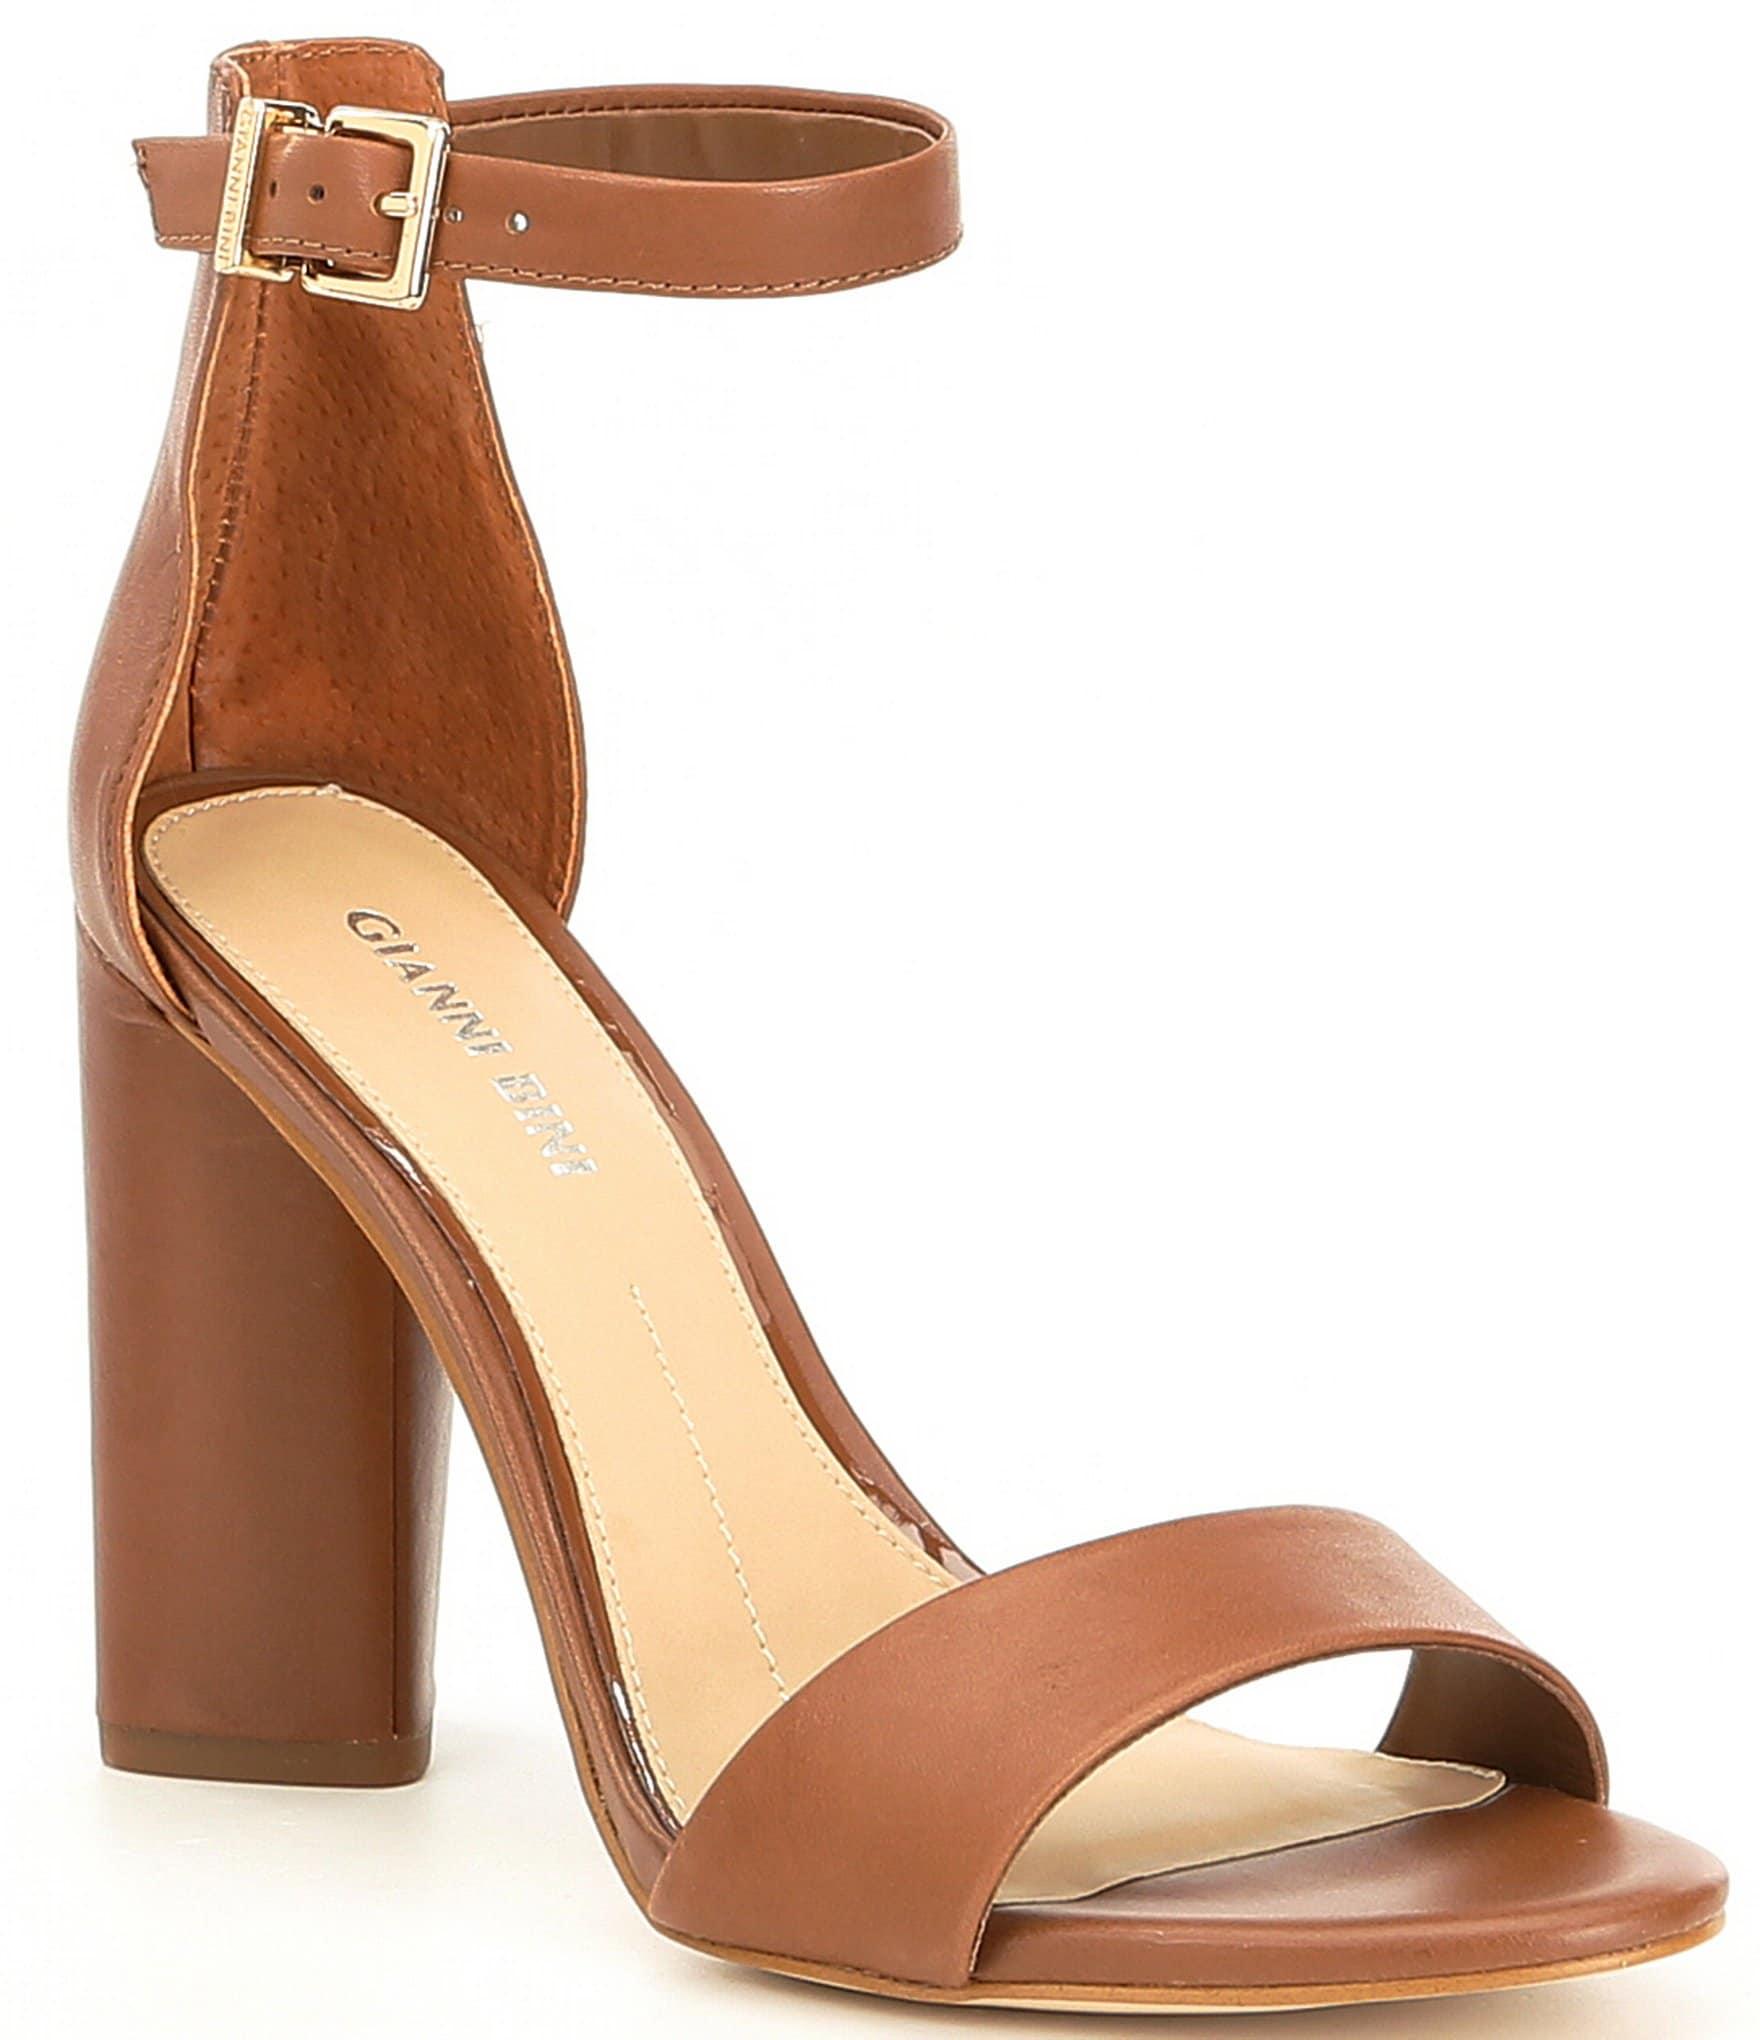 162f911bef0 gianni bini women s  Women s Shoes